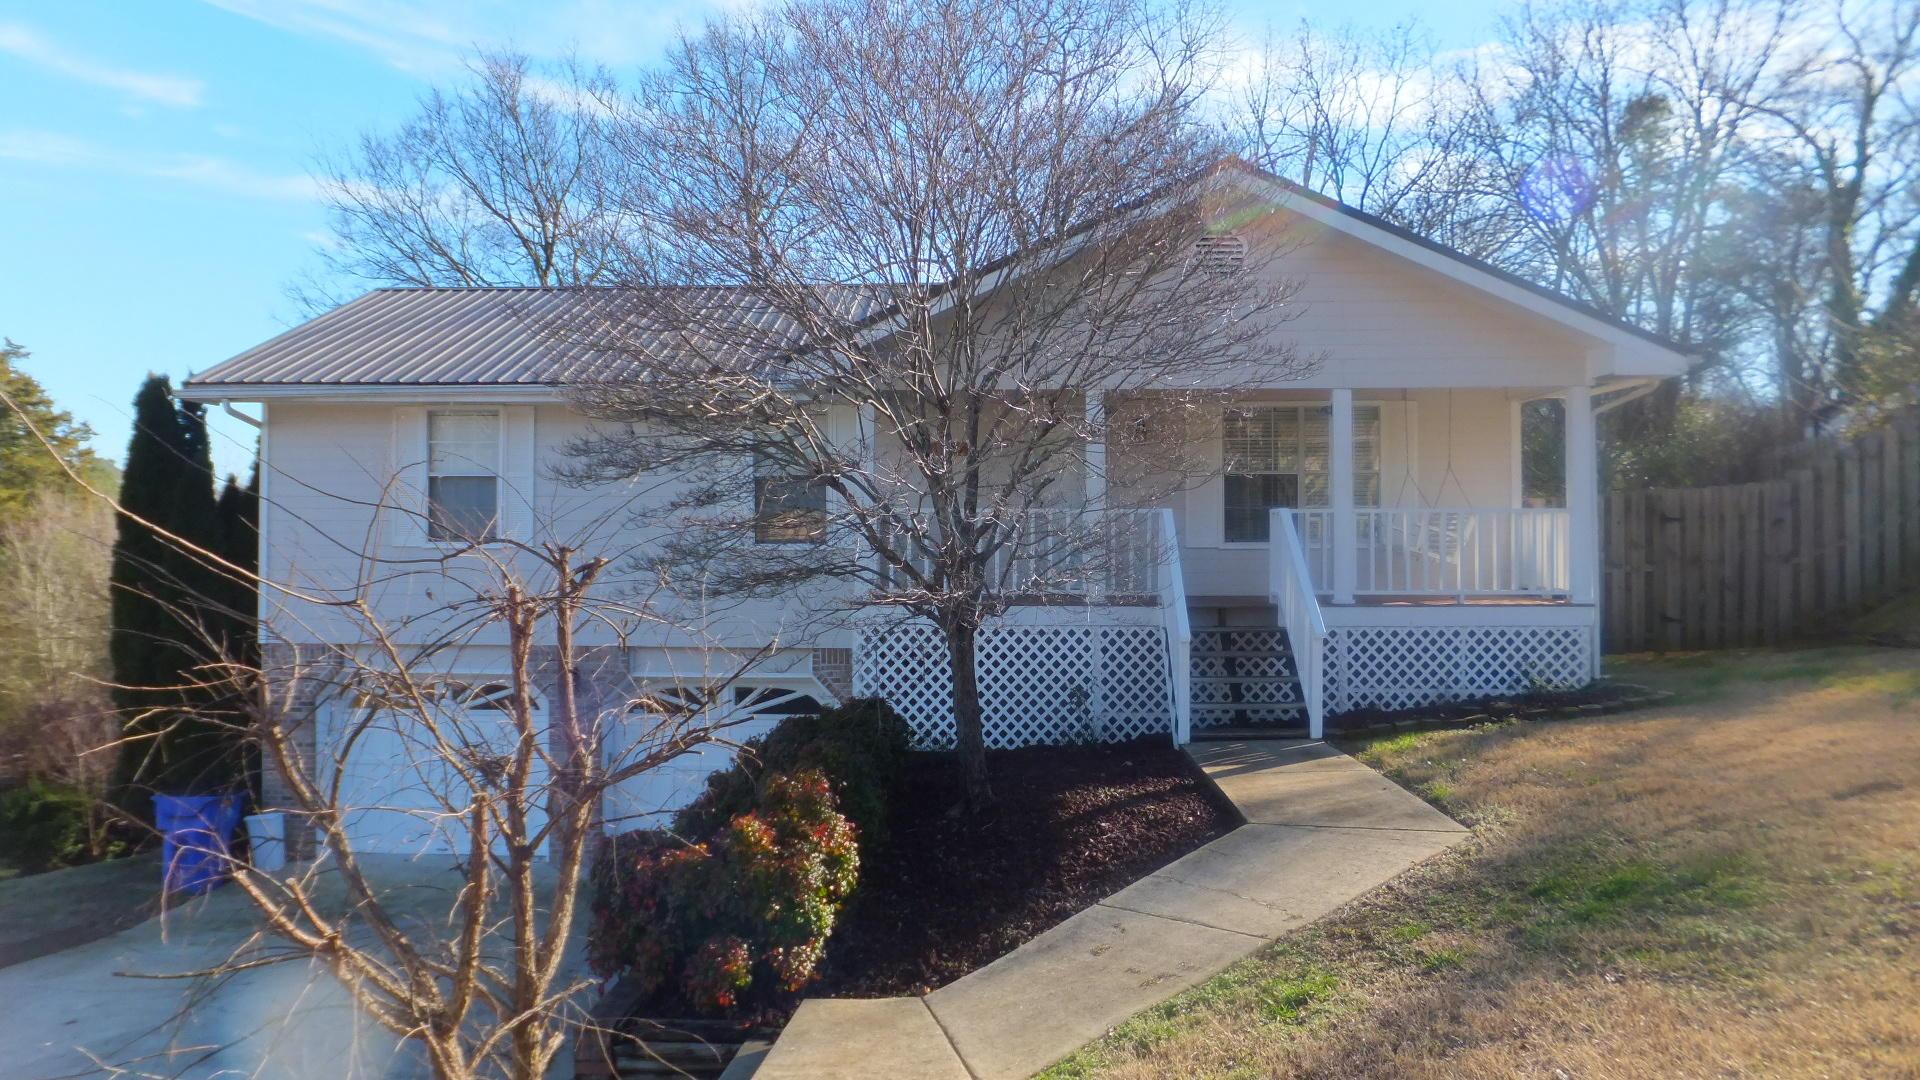 7726 Farmwood Ln, Harrison, TN 37341